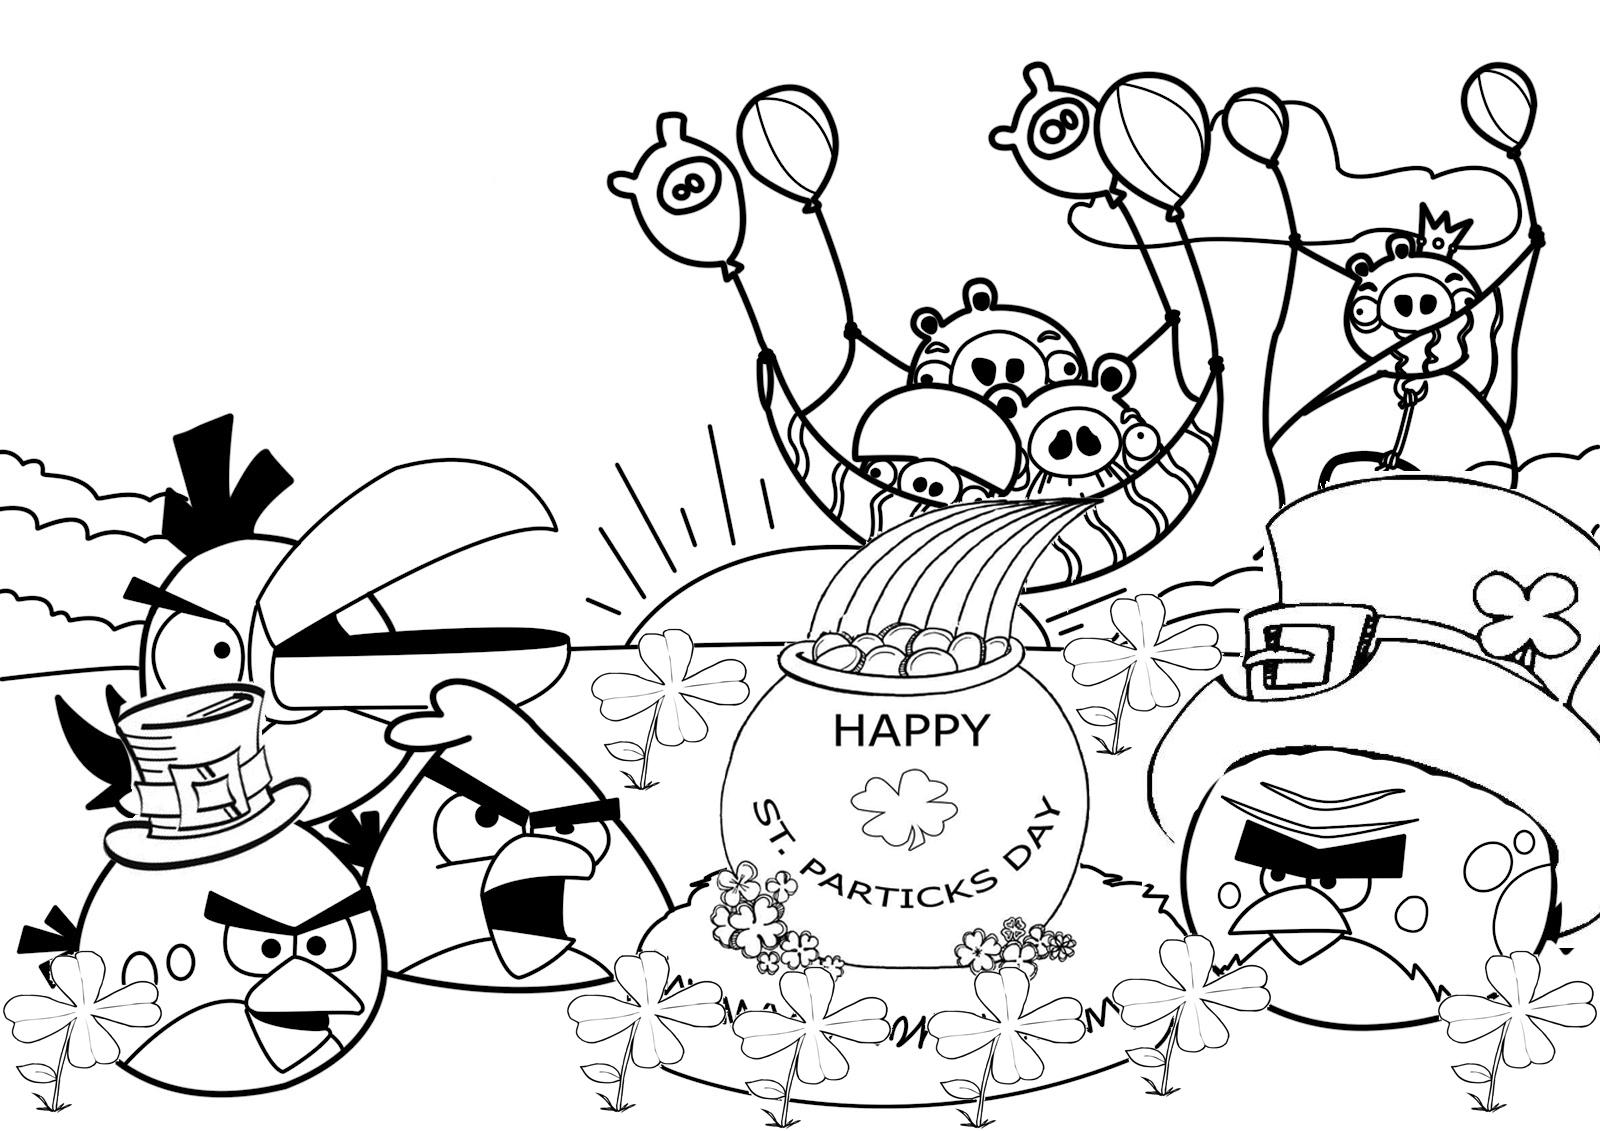 Día de San Patricio Angry Birds para colorear